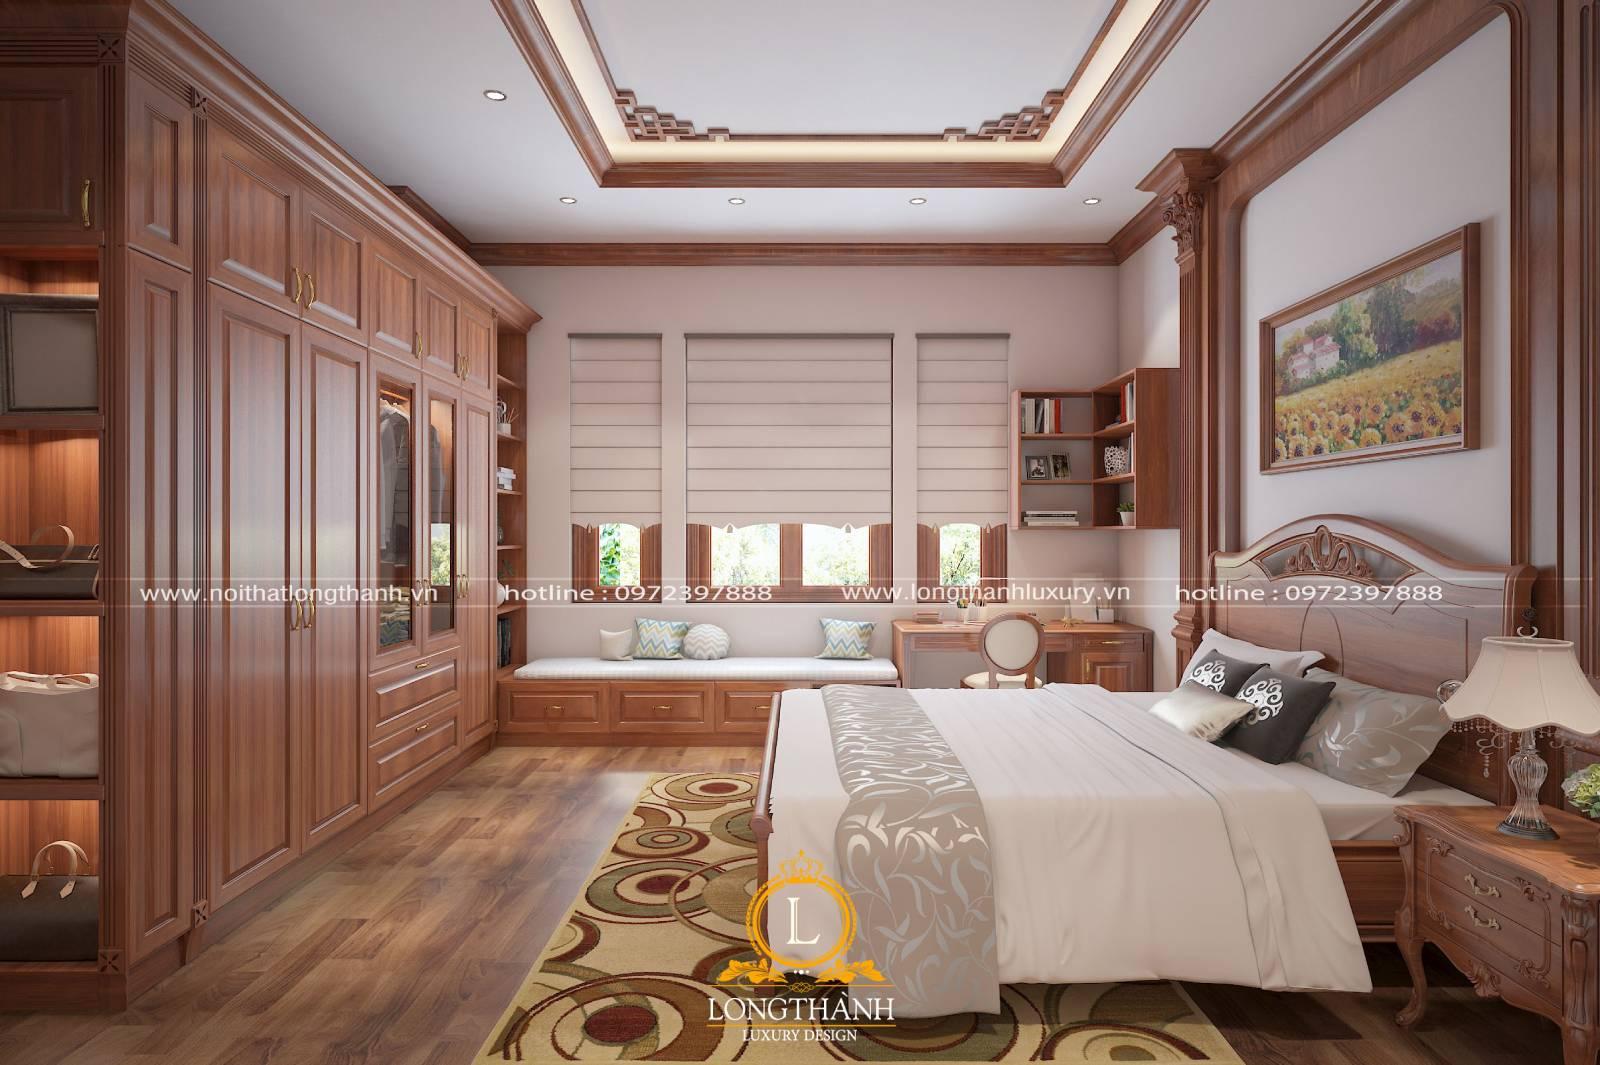 Giường và tủ quần áo được đặt hài hòa tiện lợi cho người sử dụng